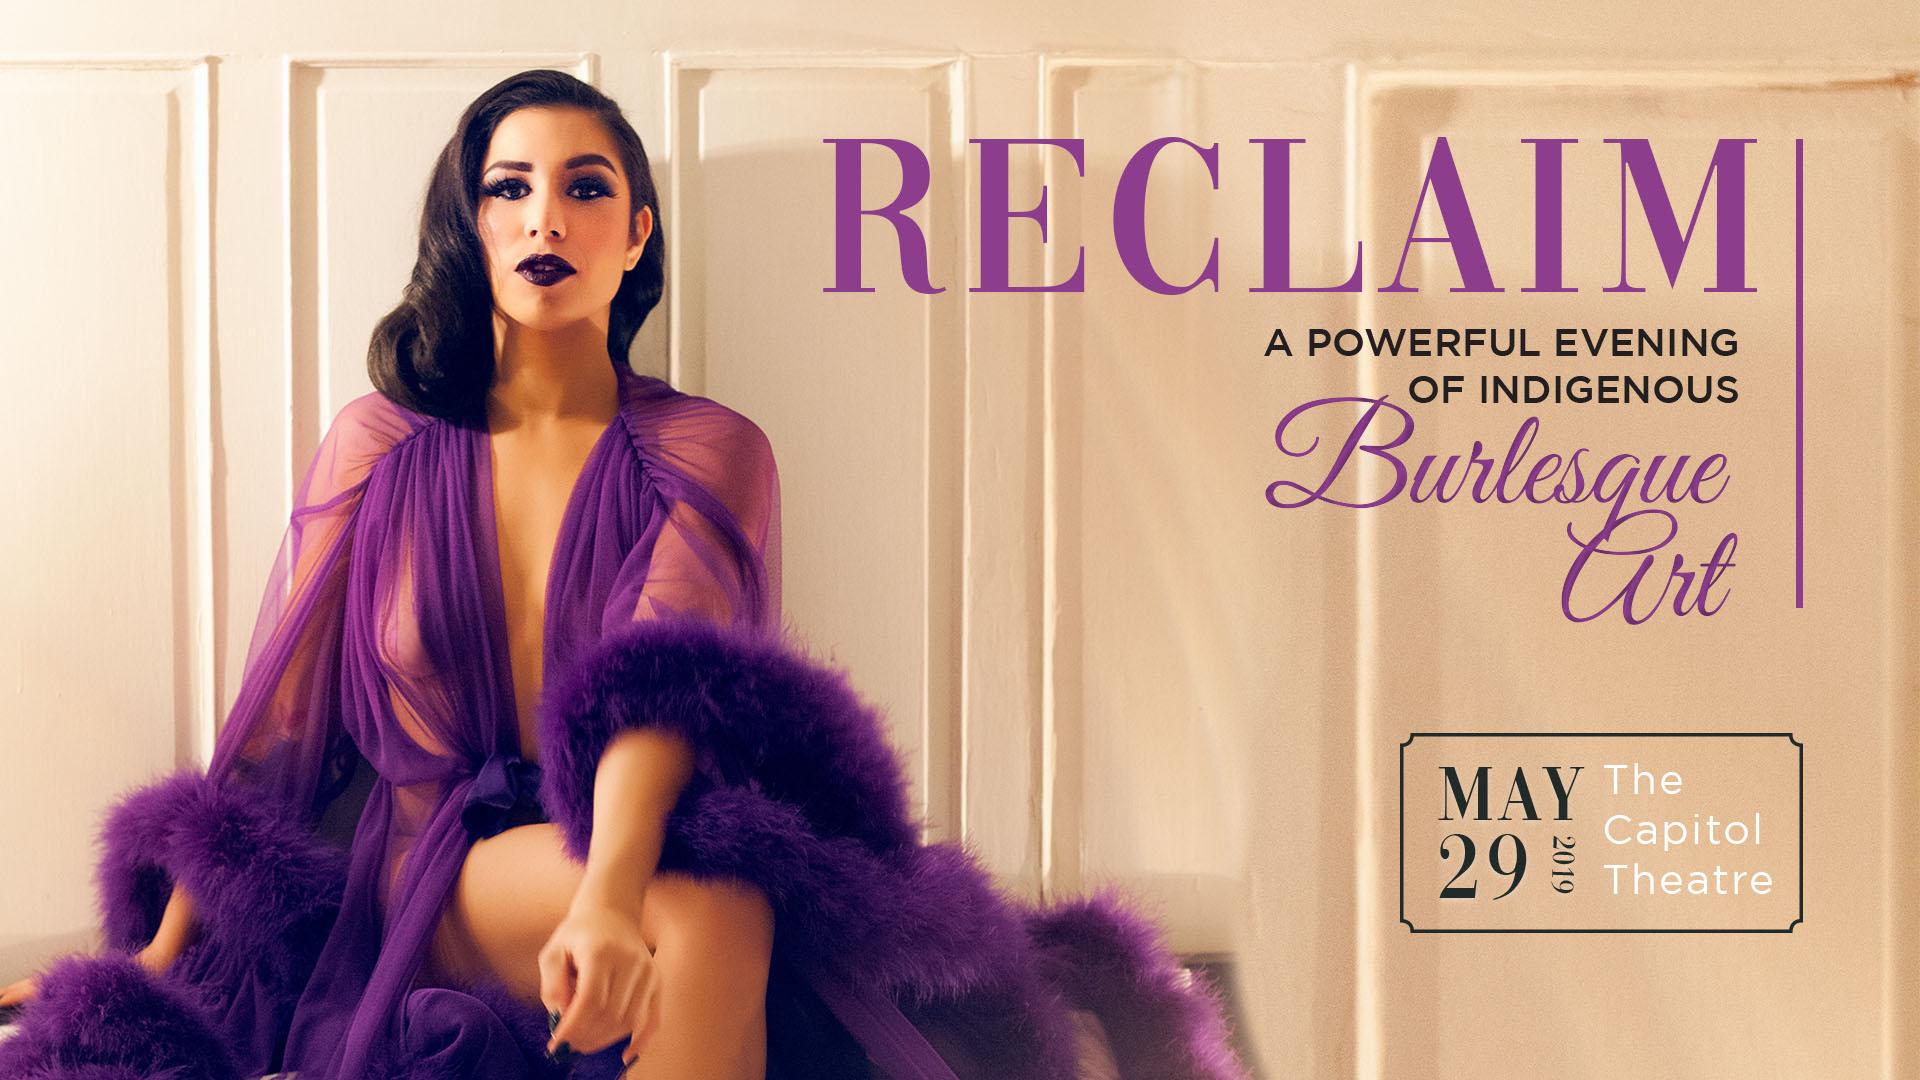 Reclaim Facebook Event Cover Image.jpg